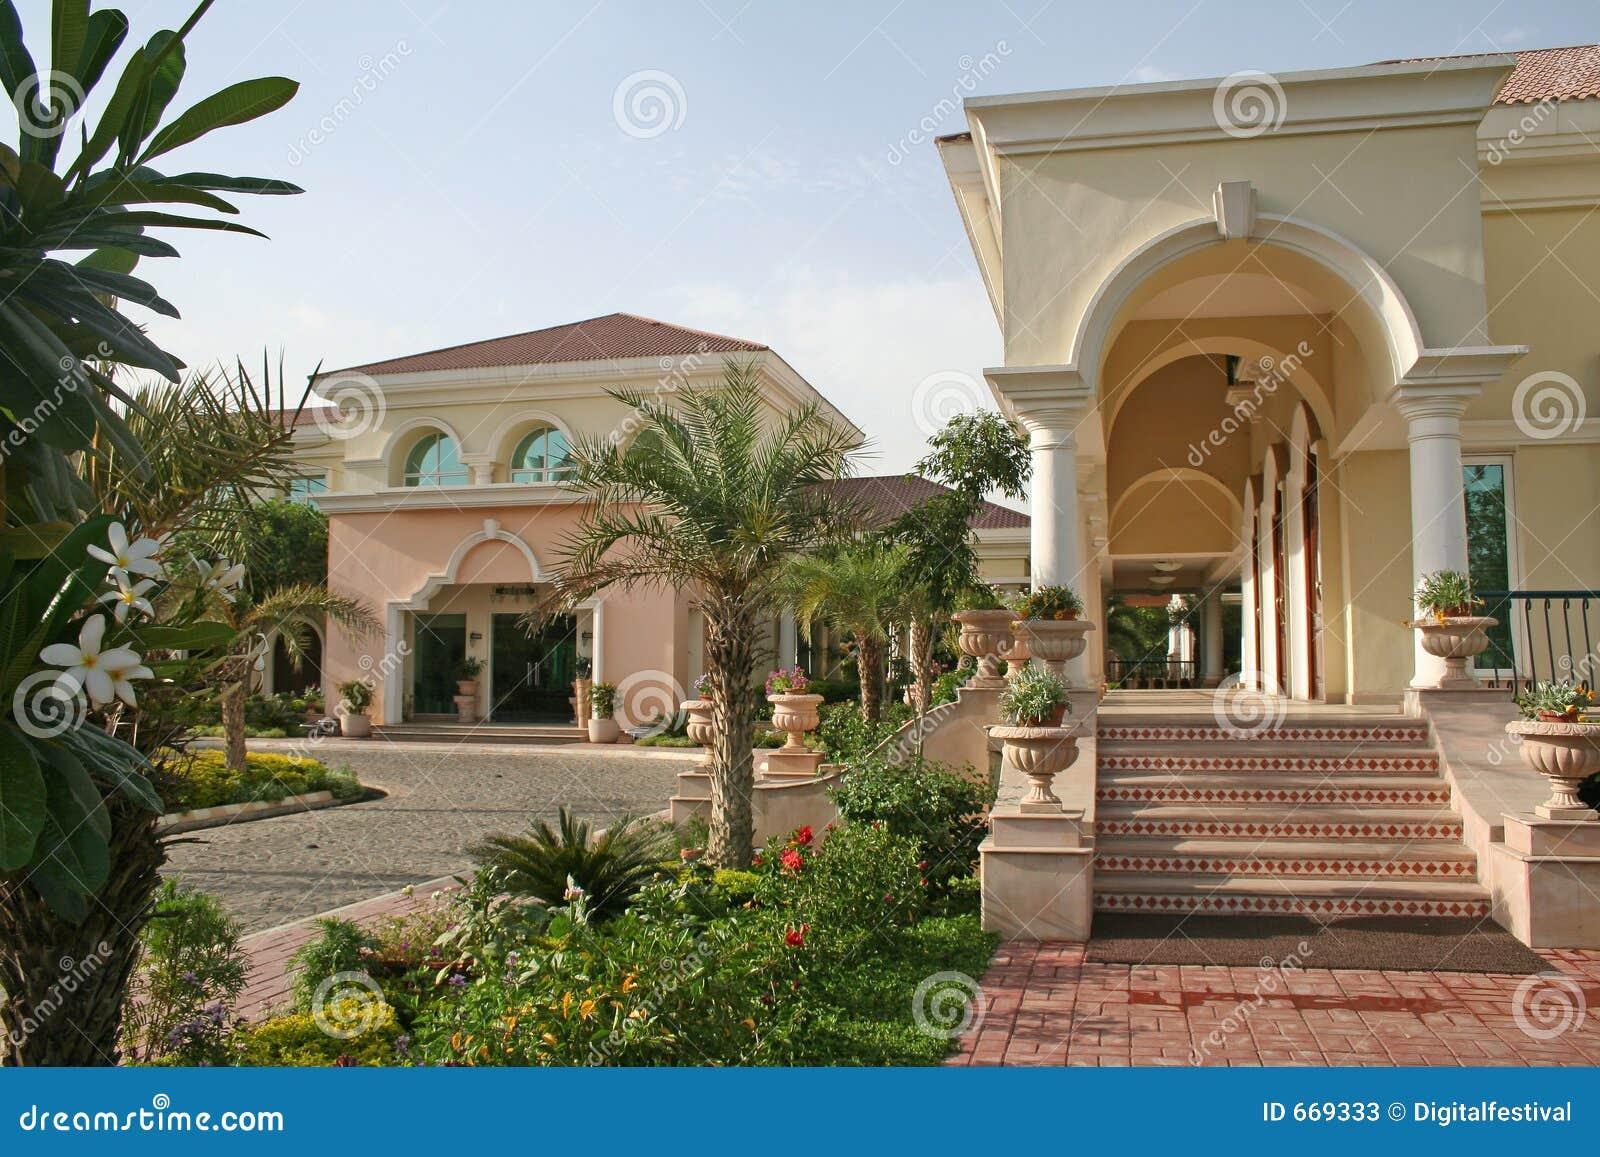 Architecture la maison royale riche superbe haut de gamme photos stock im - Caravane d architecture ...